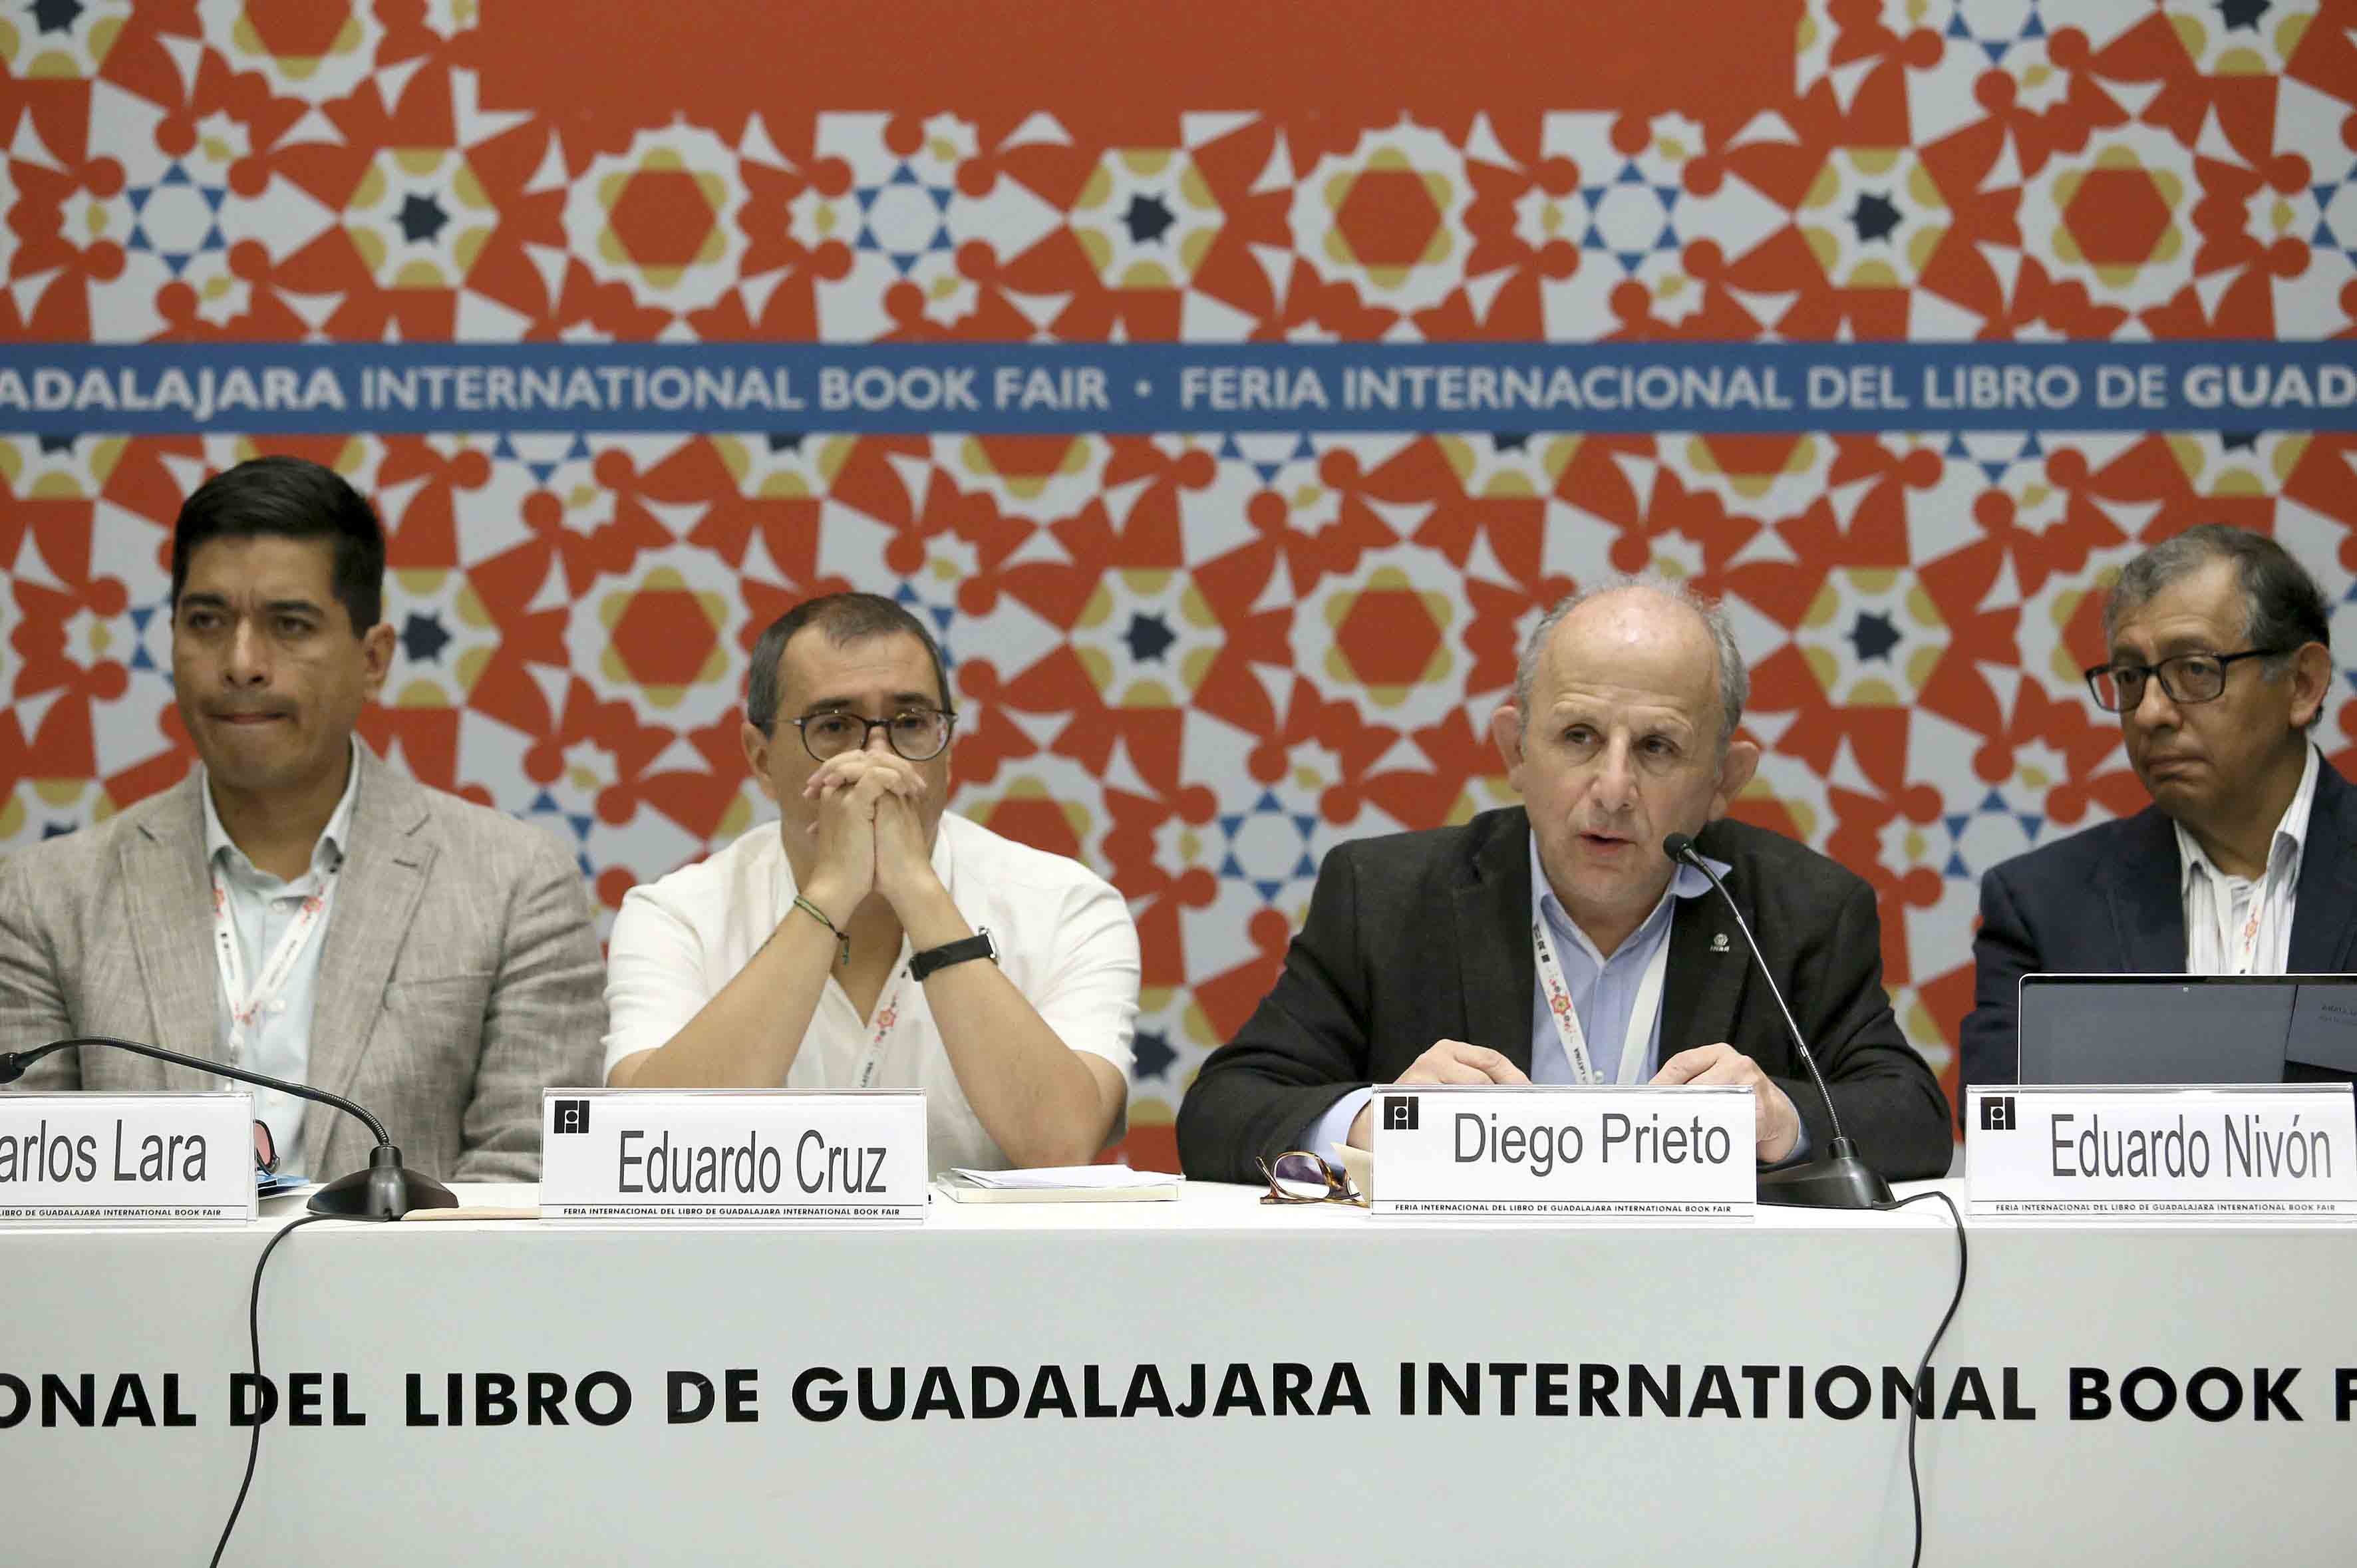 Antropólogo Diego Prieto Hernández, Profesor universitario y autor de diversas publicaciones, haciendo uso de la palabra.